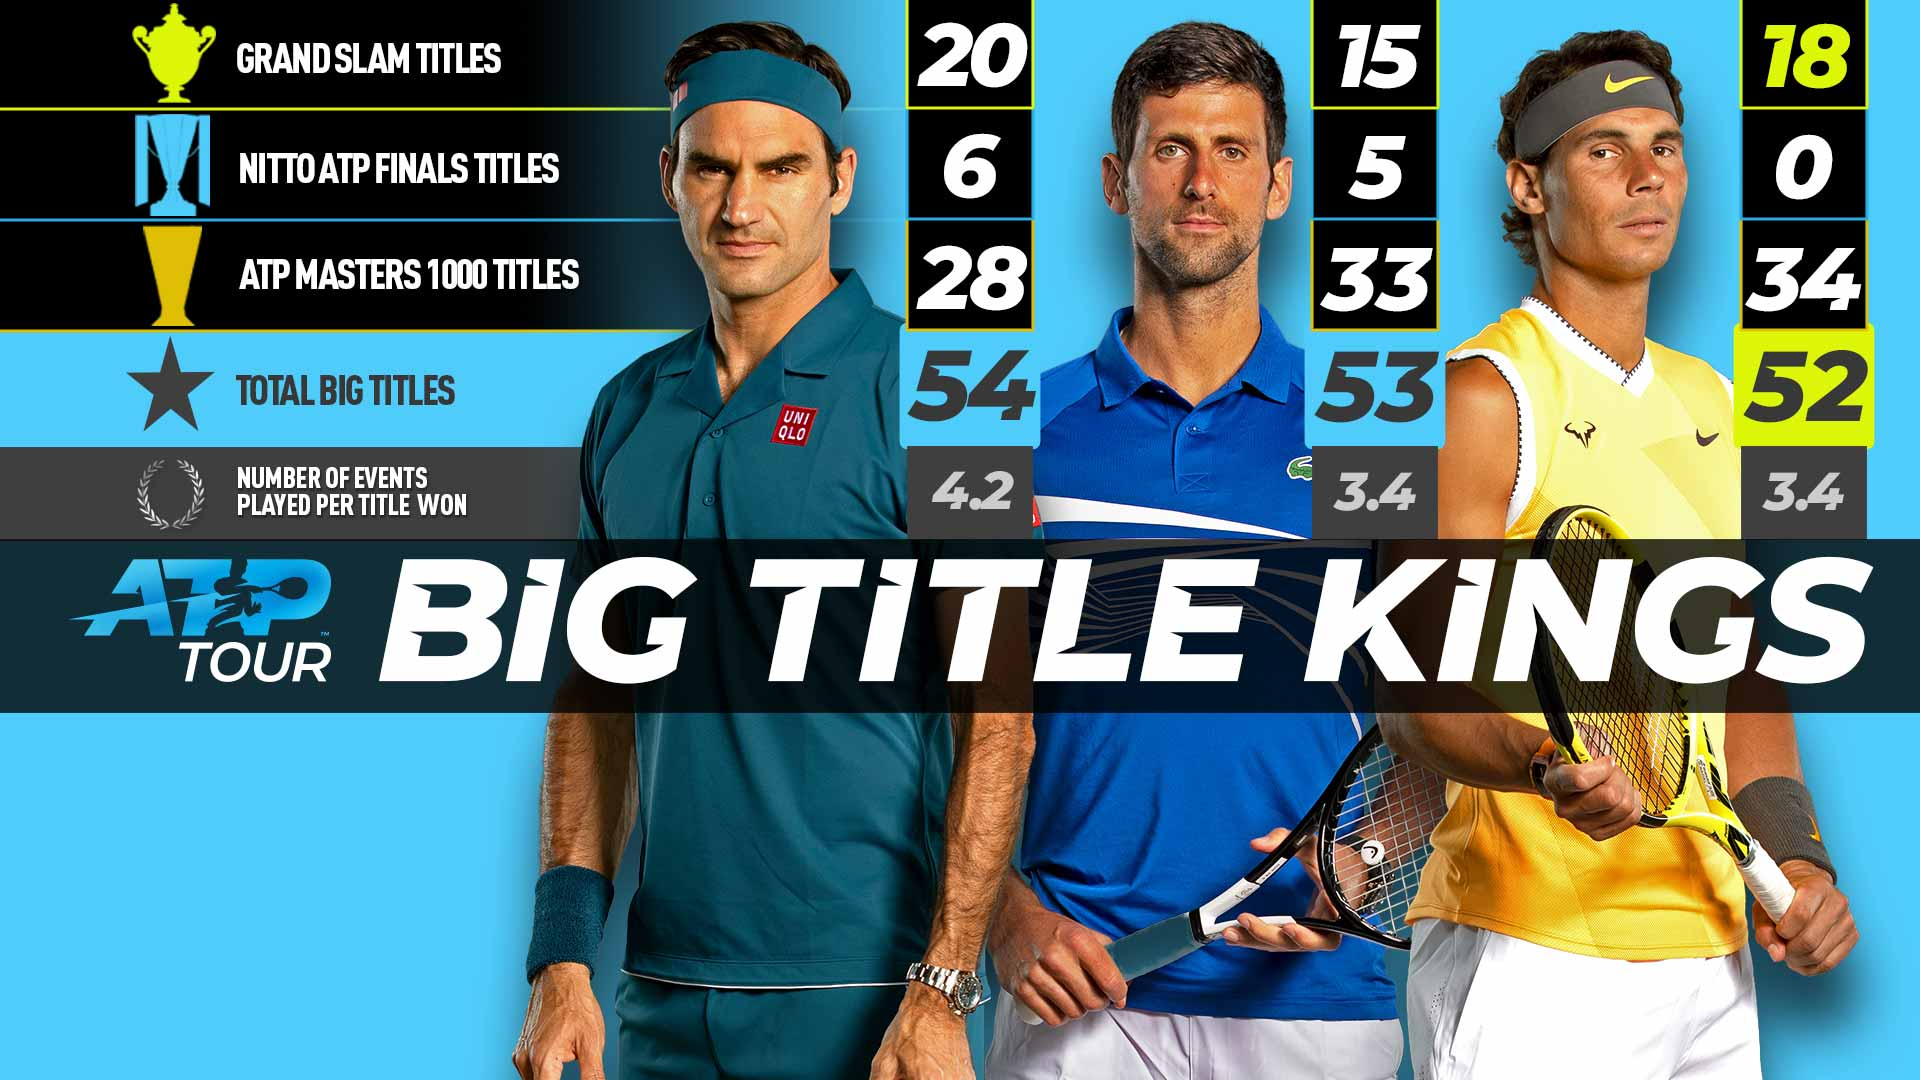 Nadal Turning Up Heat On Federer & Djokovic In Big Titles Race | ATP Tour